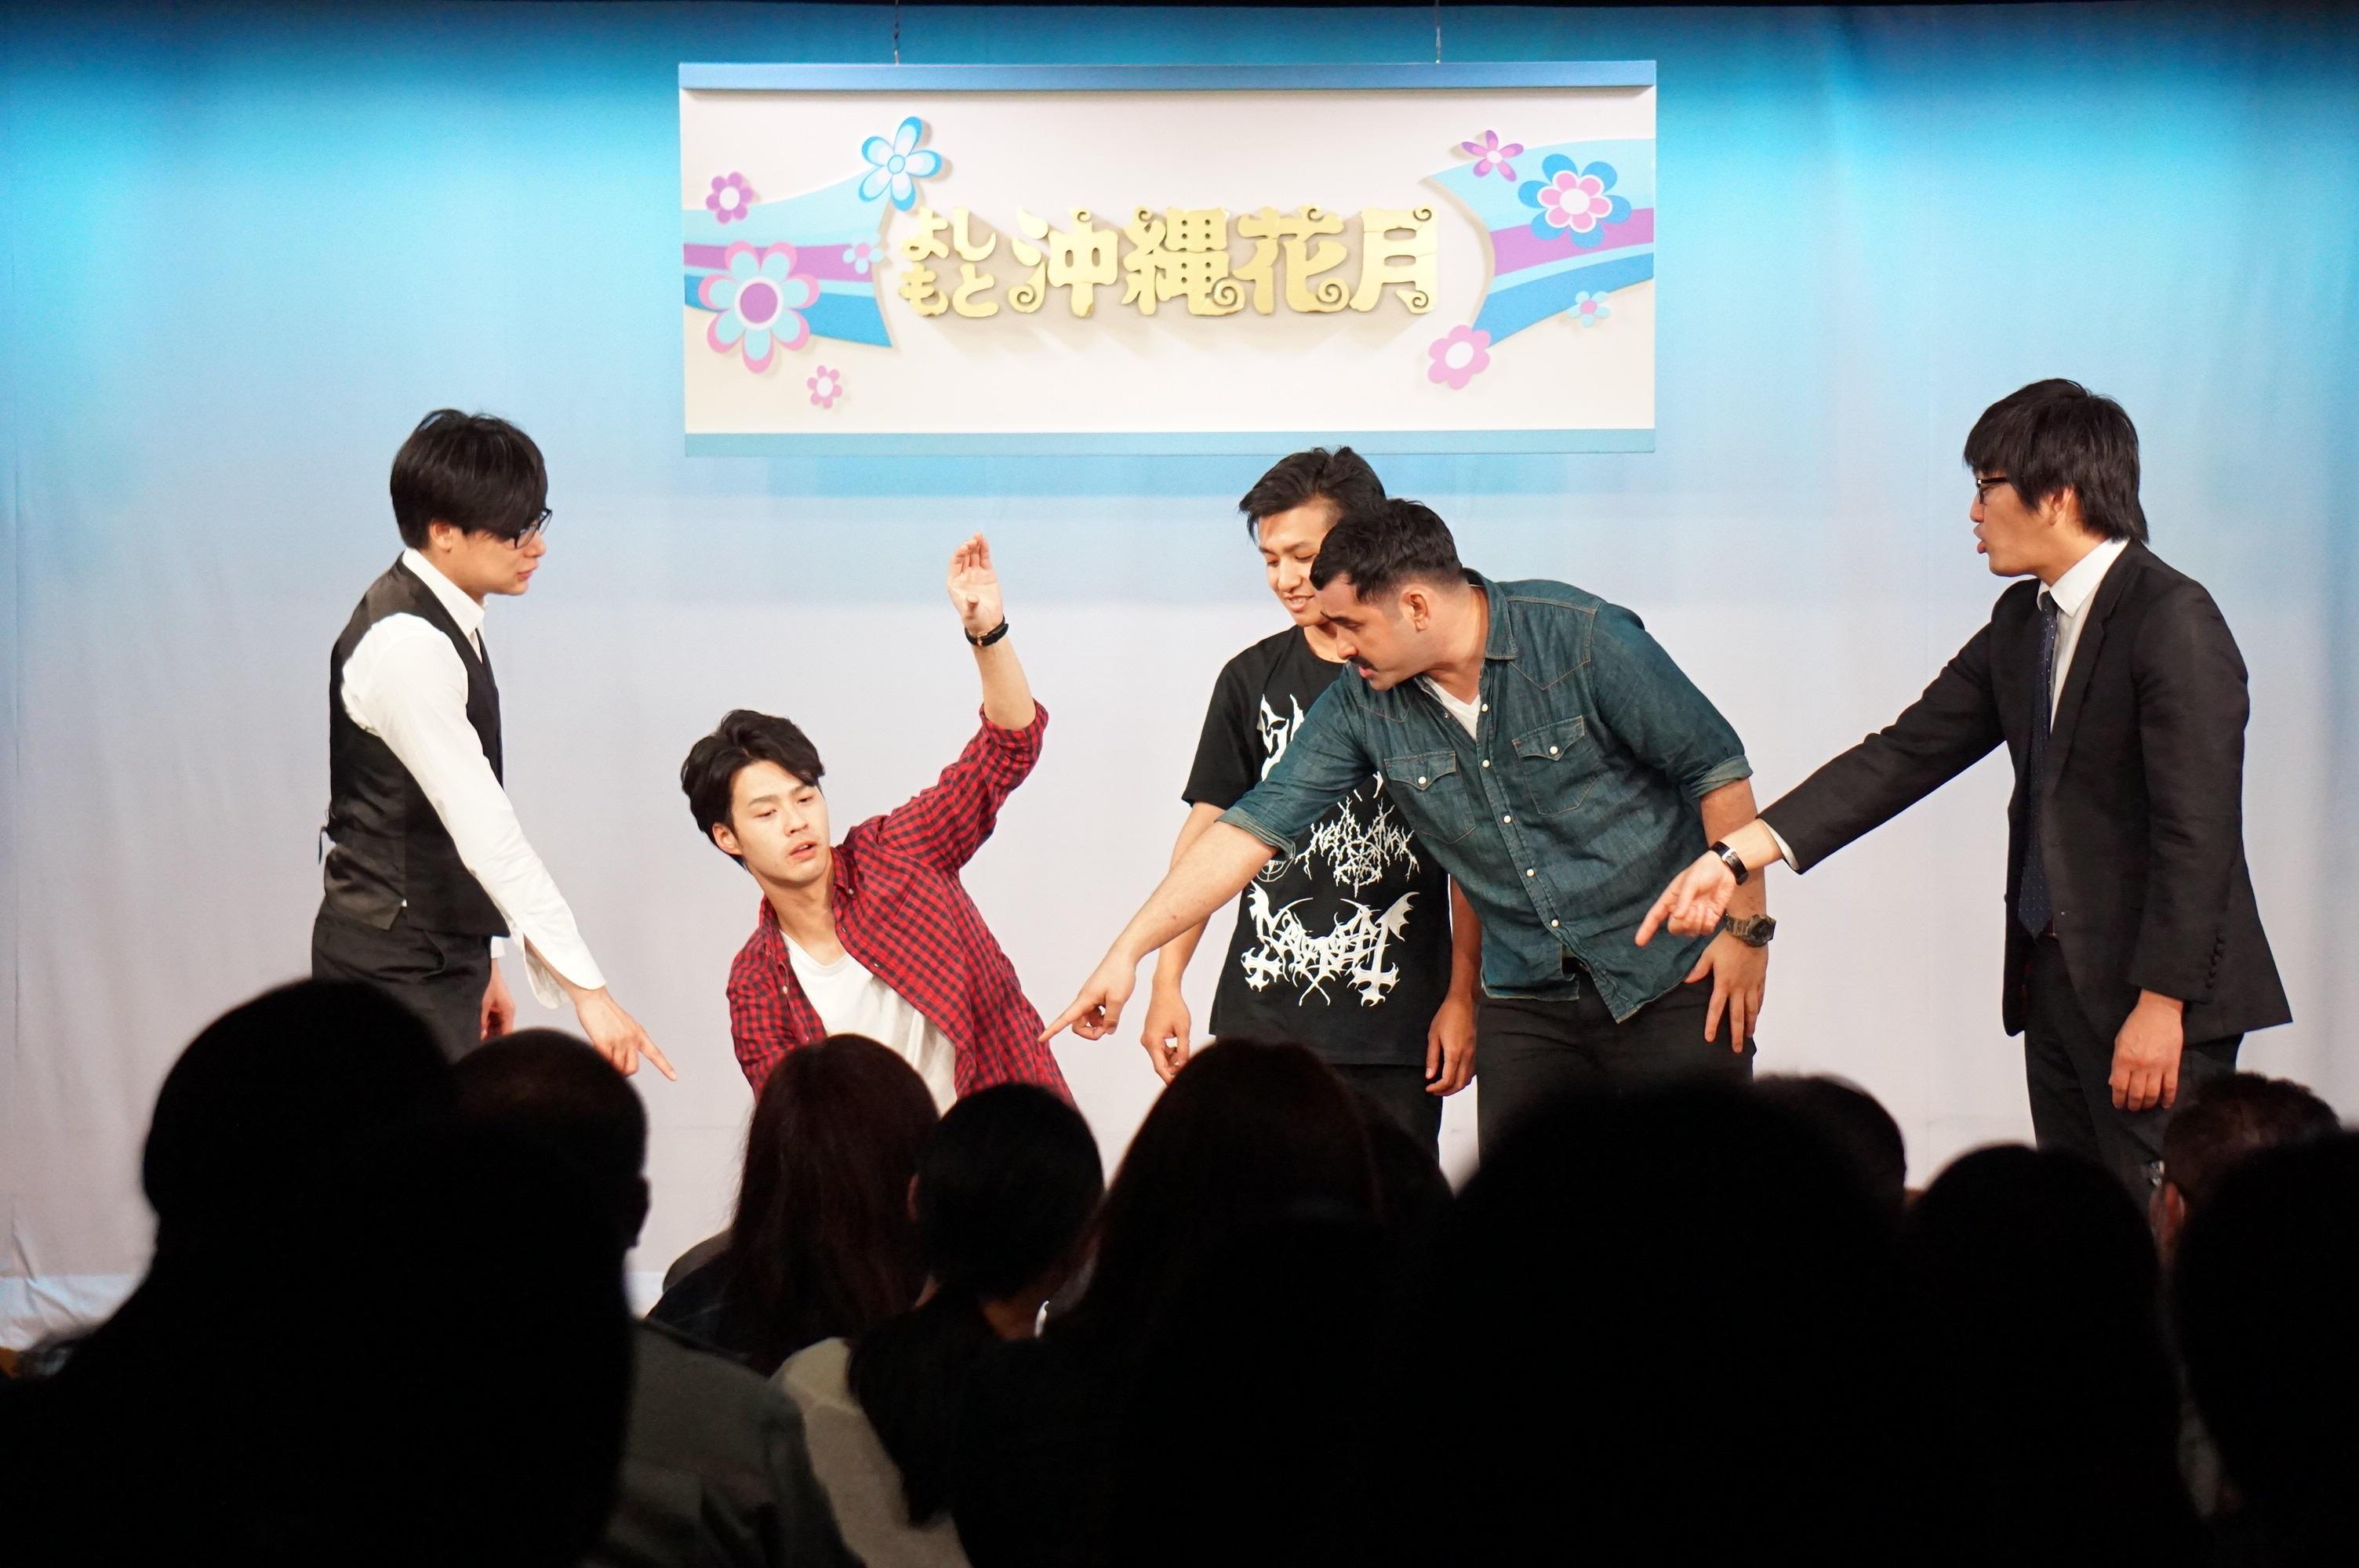 http://news.yoshimoto.co.jp/20151231202712-97c8f065c5e4fba32d65b04e318c7c0248ae967a.jpg